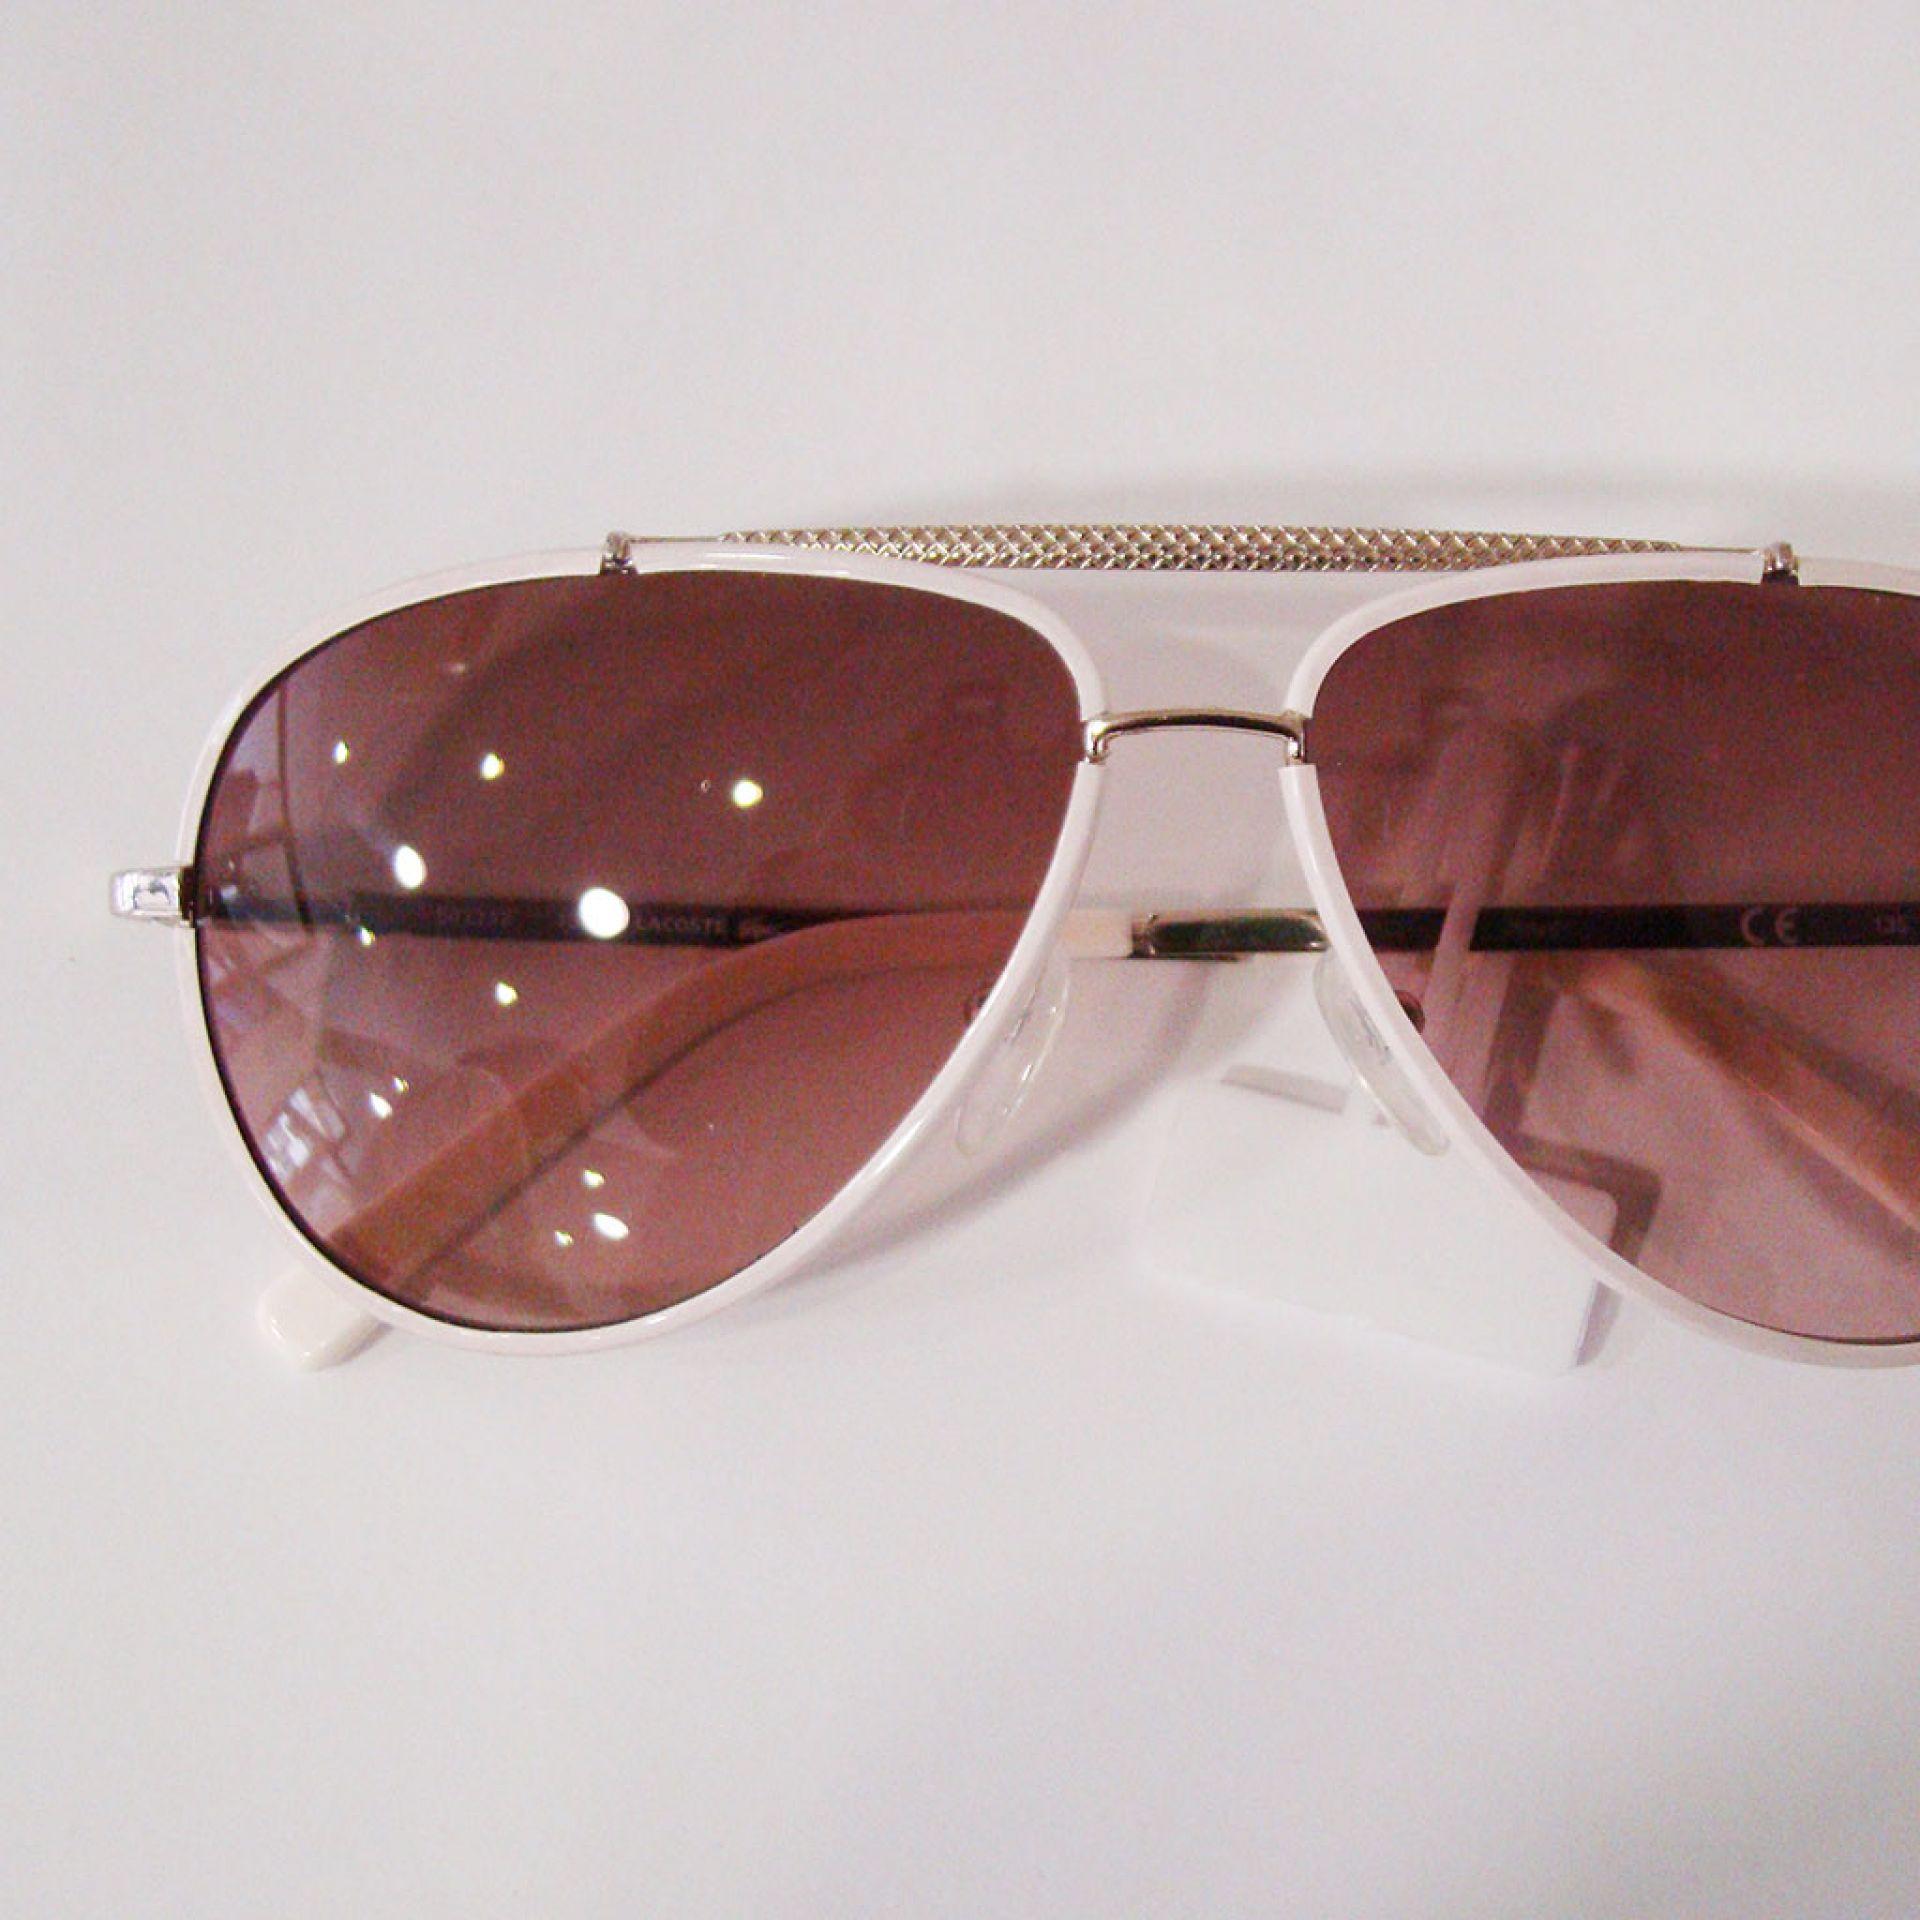 Óculo Lacoste